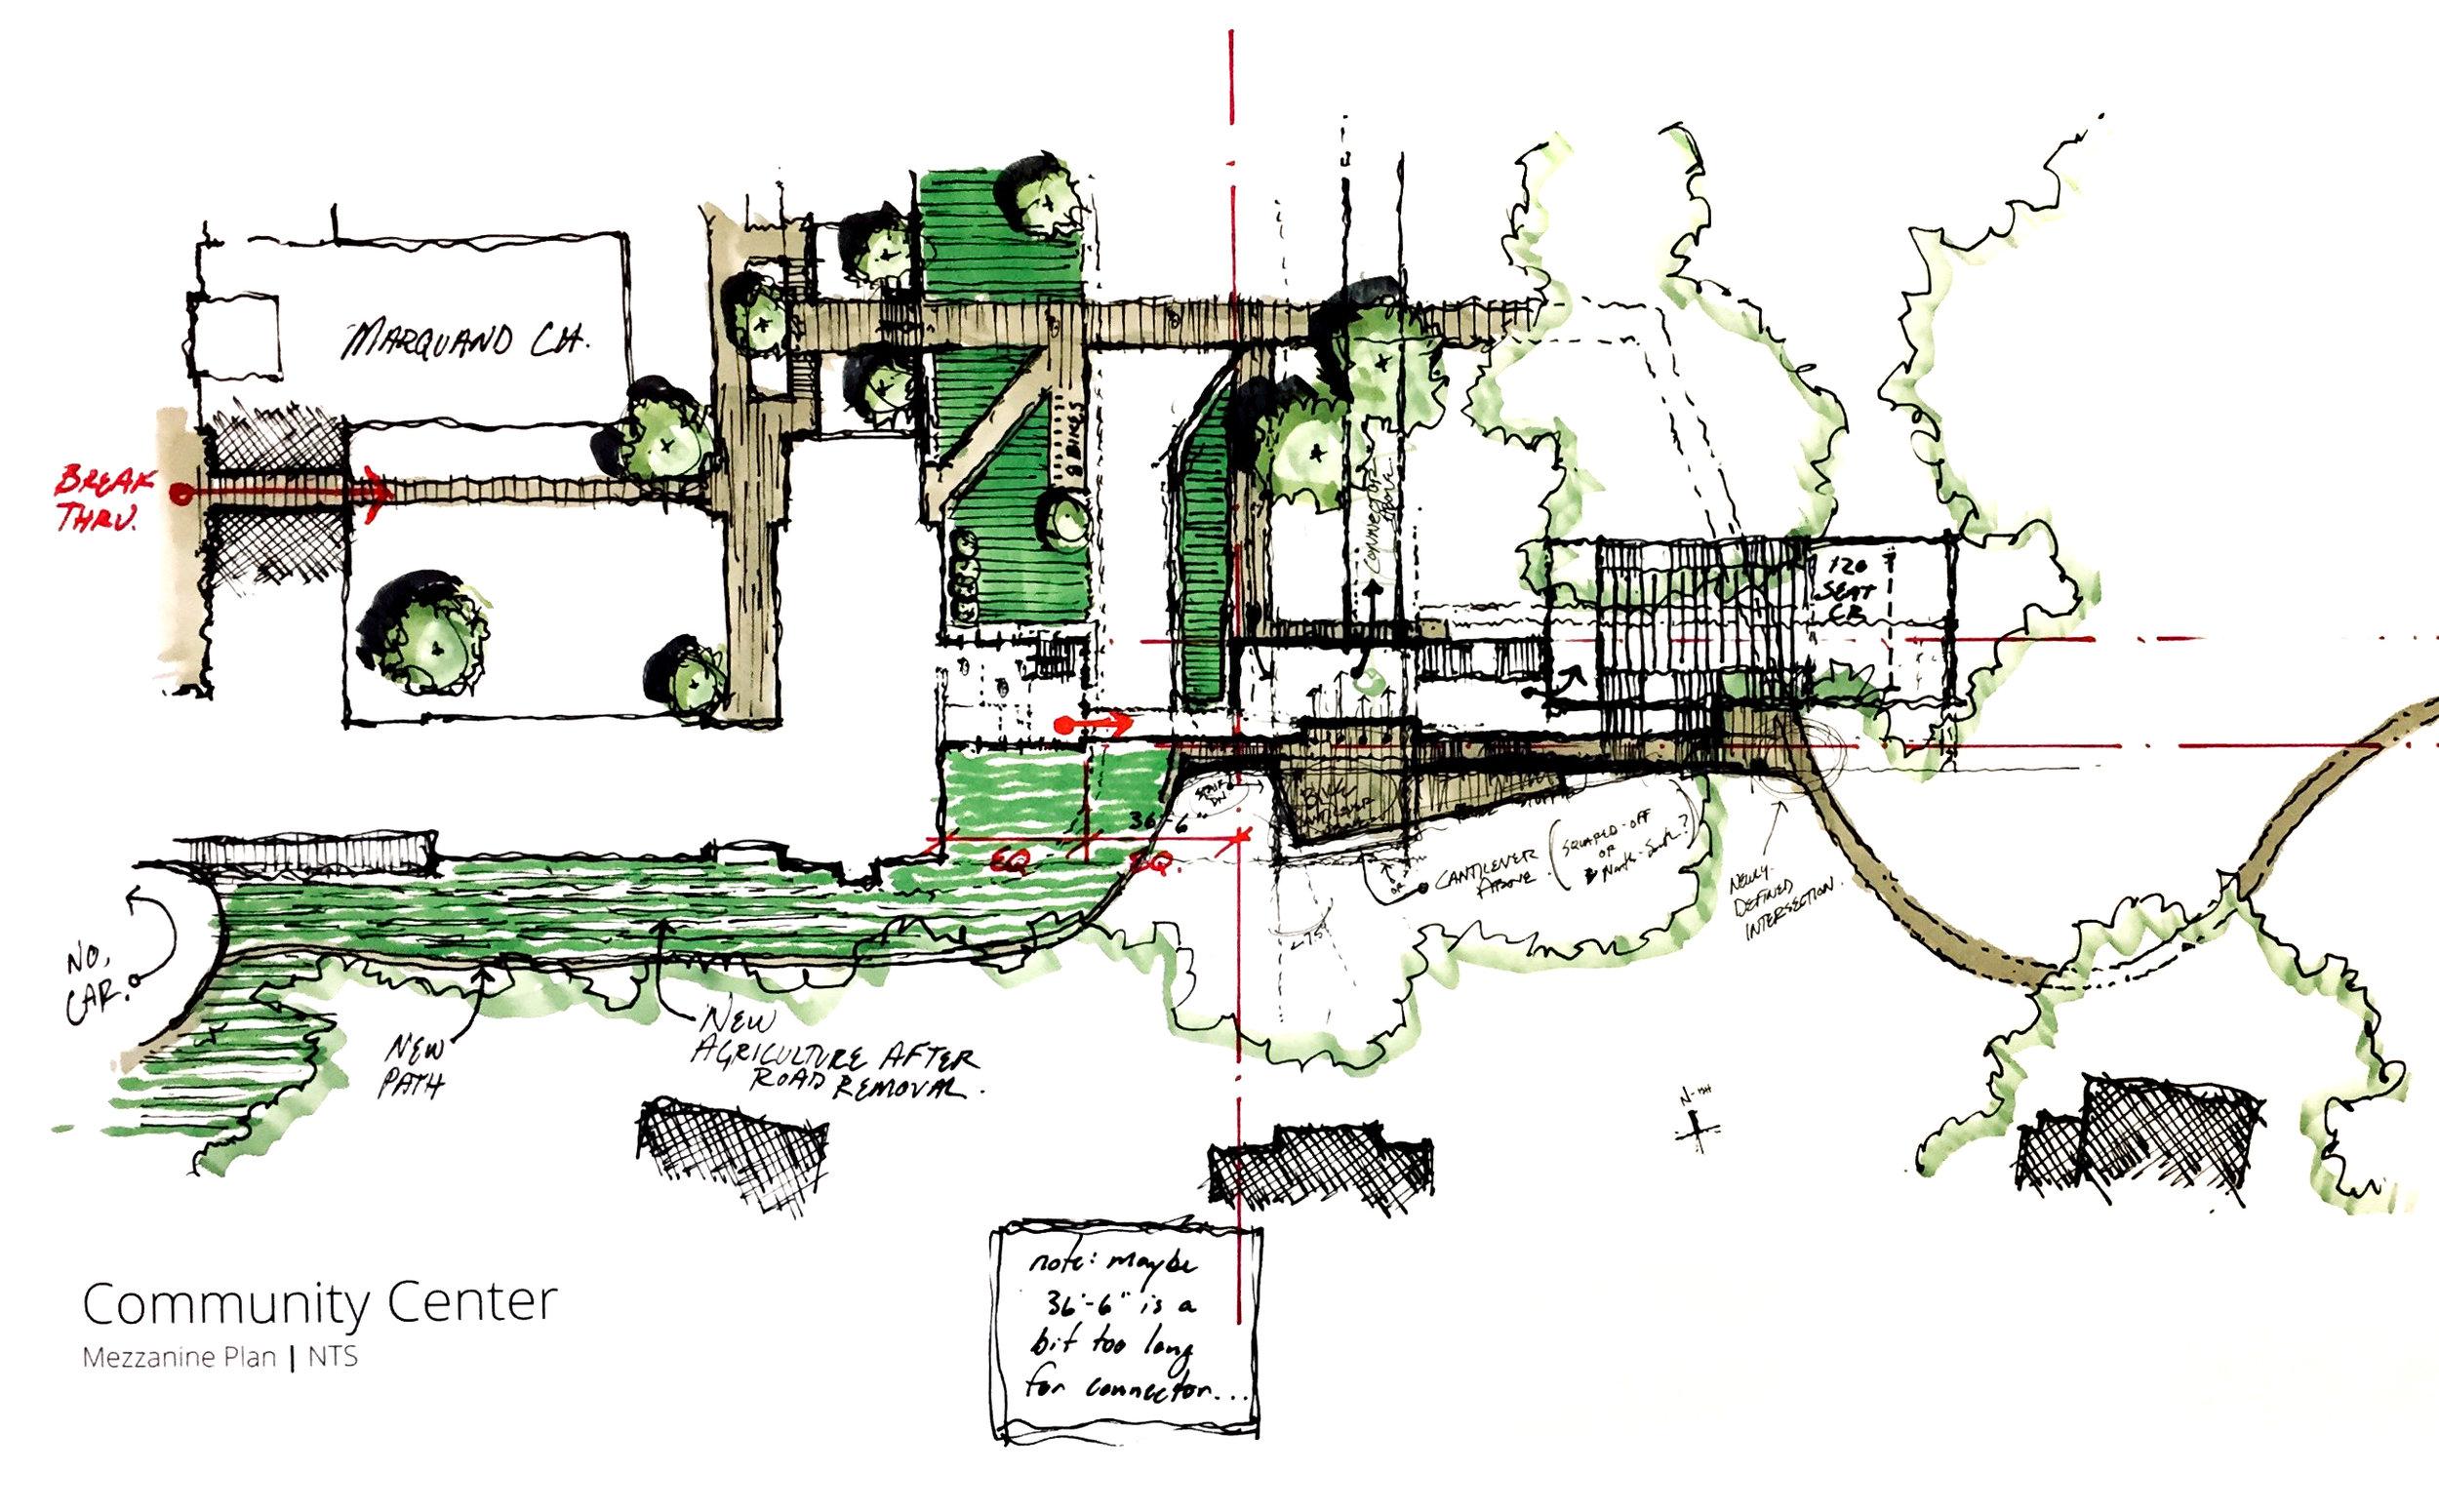 TooheyIII,William_Sketch_OnTheWall_ArchitectureScale_Plan.jpg